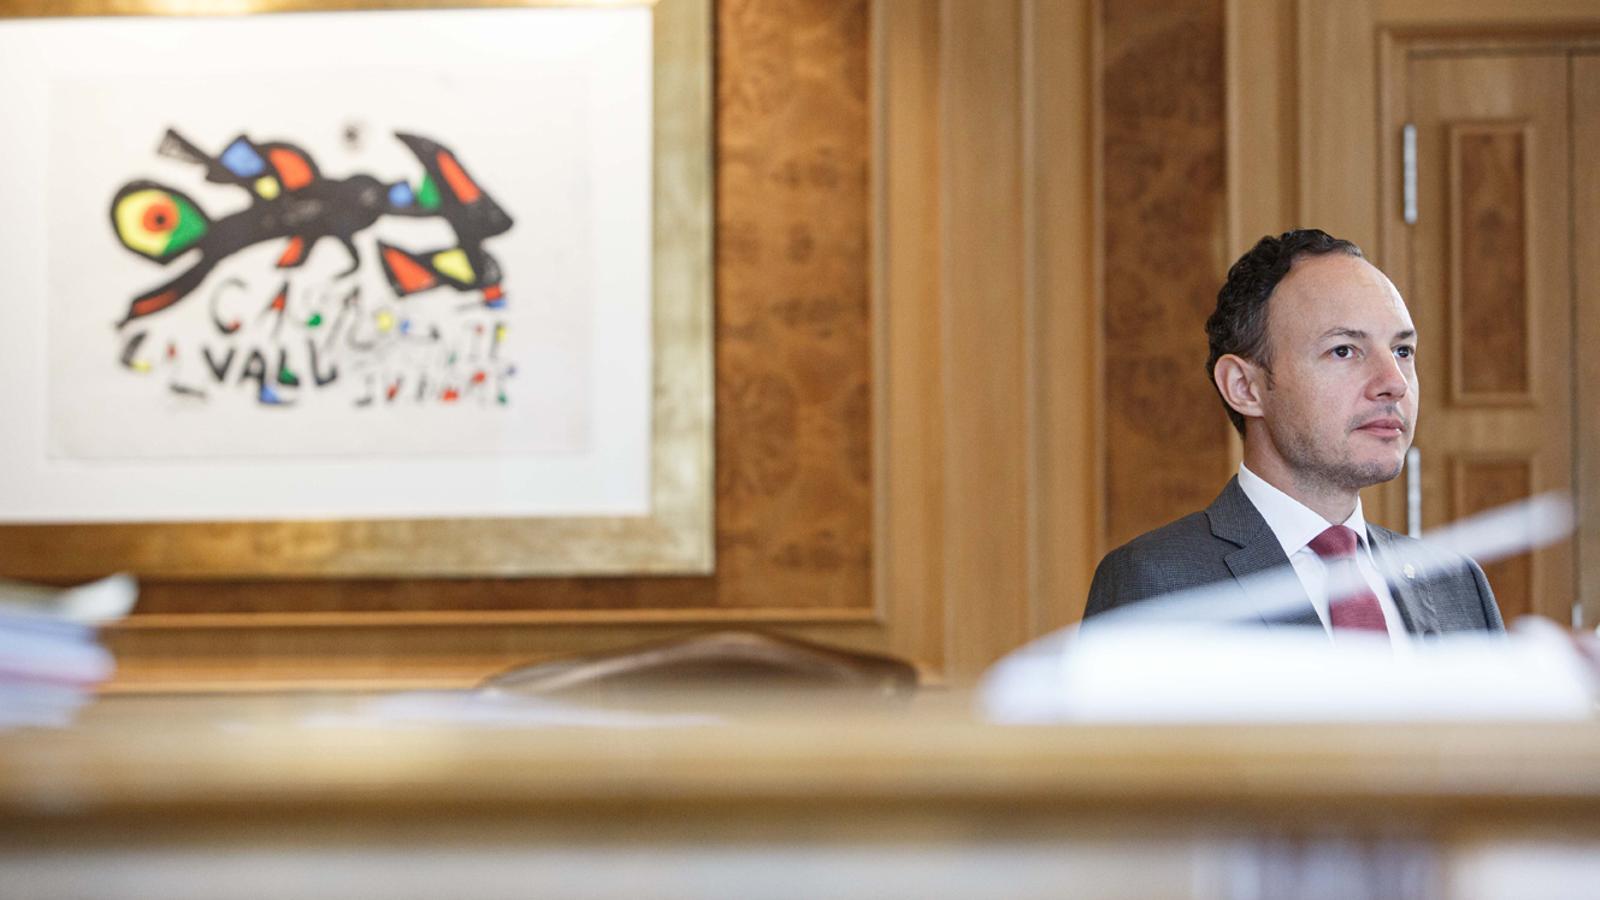 El cap de Govern, Xavier Espot, durant el seu discurs en el marc de la 75a Assemblea General de les Nacions Unides. / SFG